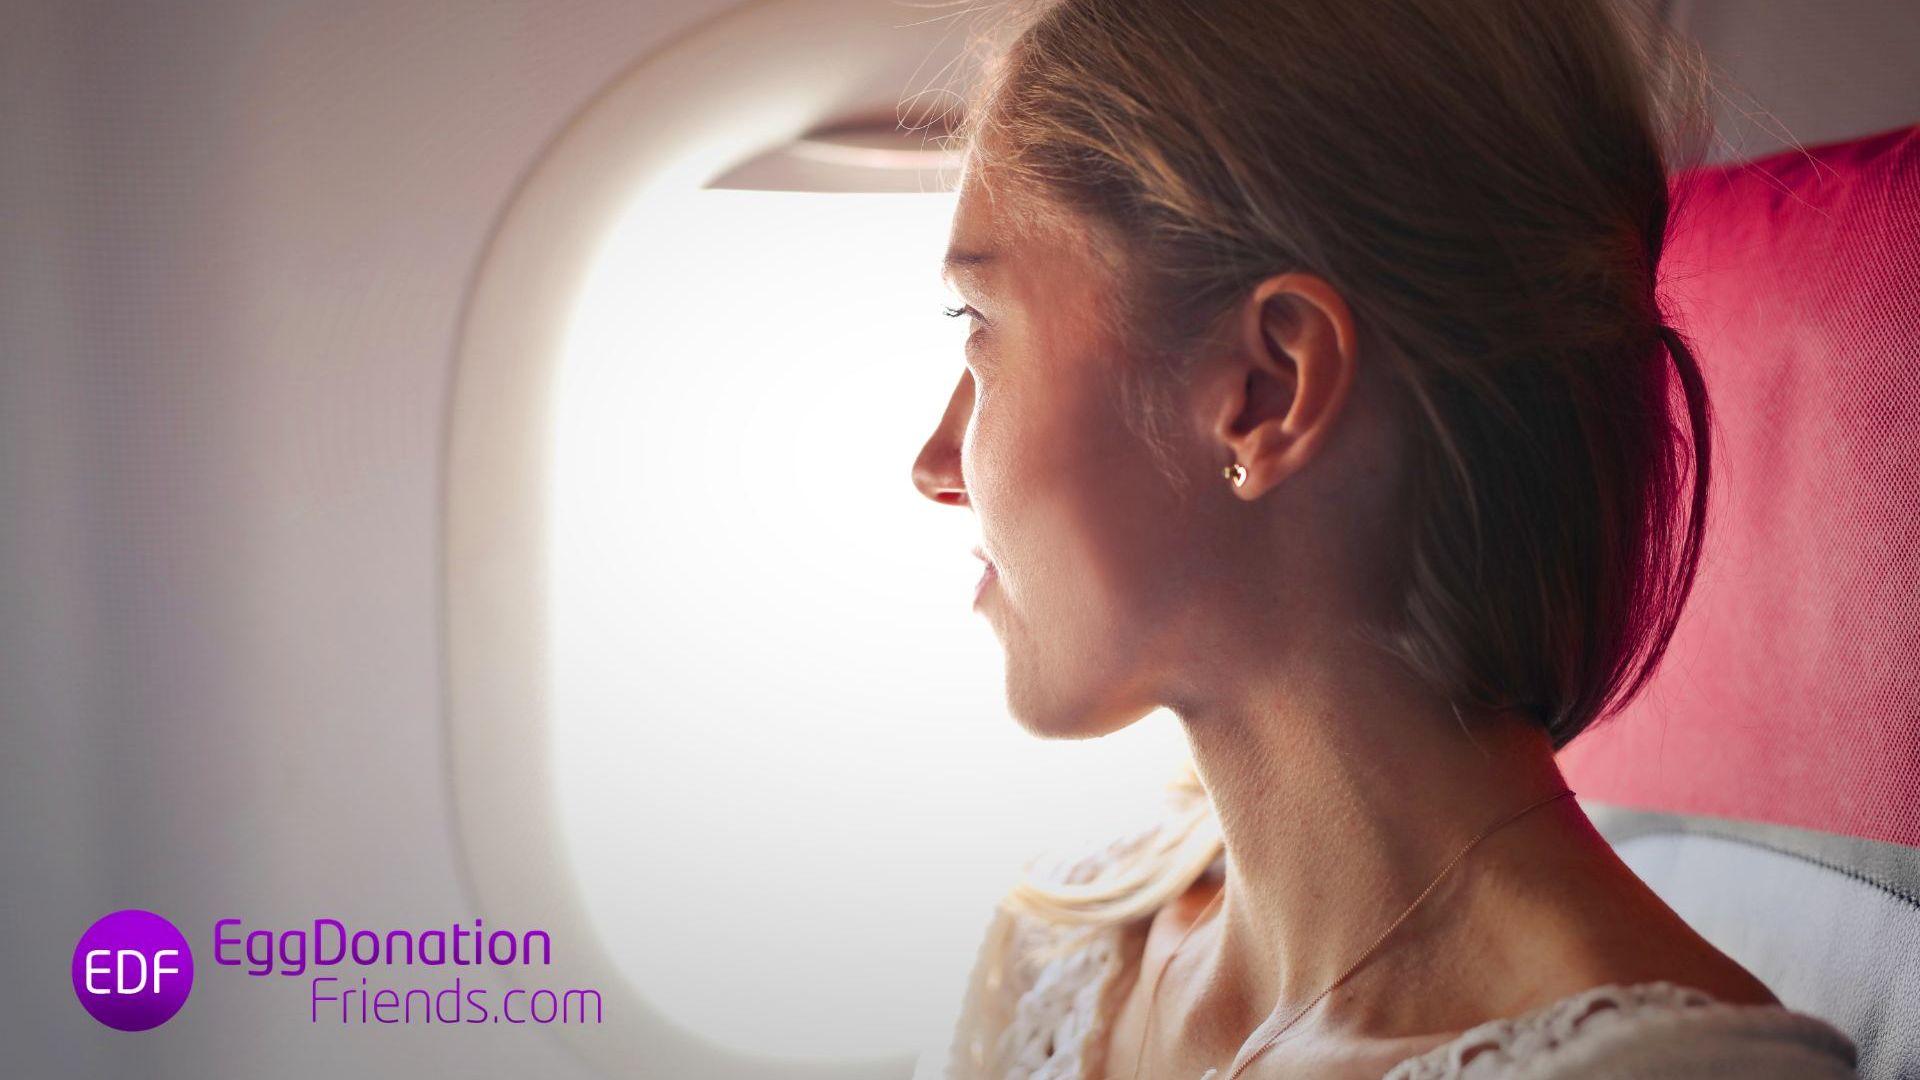 The Fertility Tourism Survey 2020